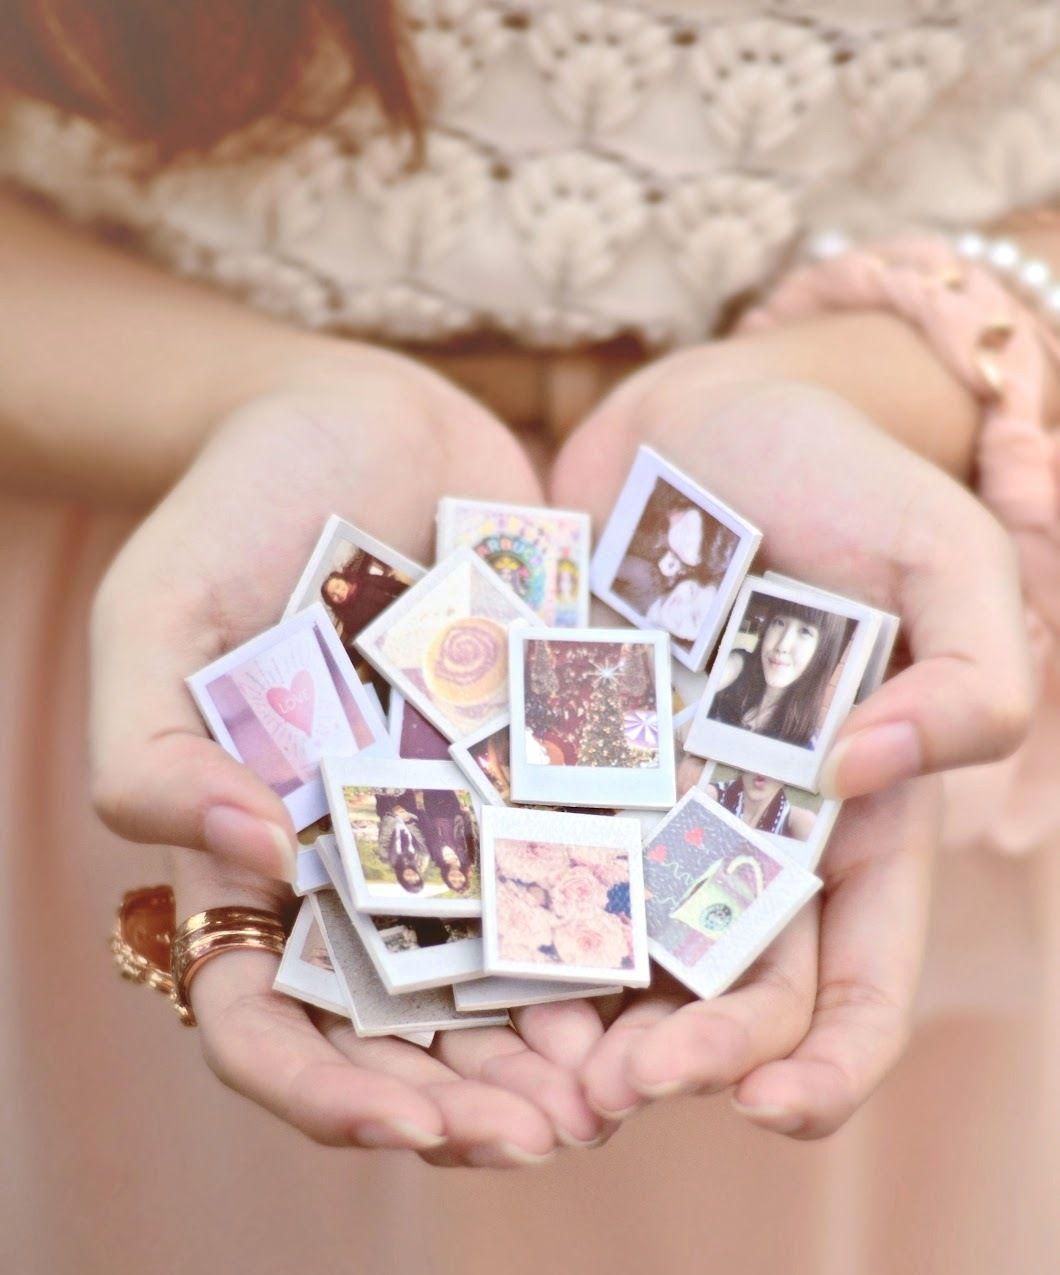 Hacer estos imanes de fotos en mini piezas de madera :)